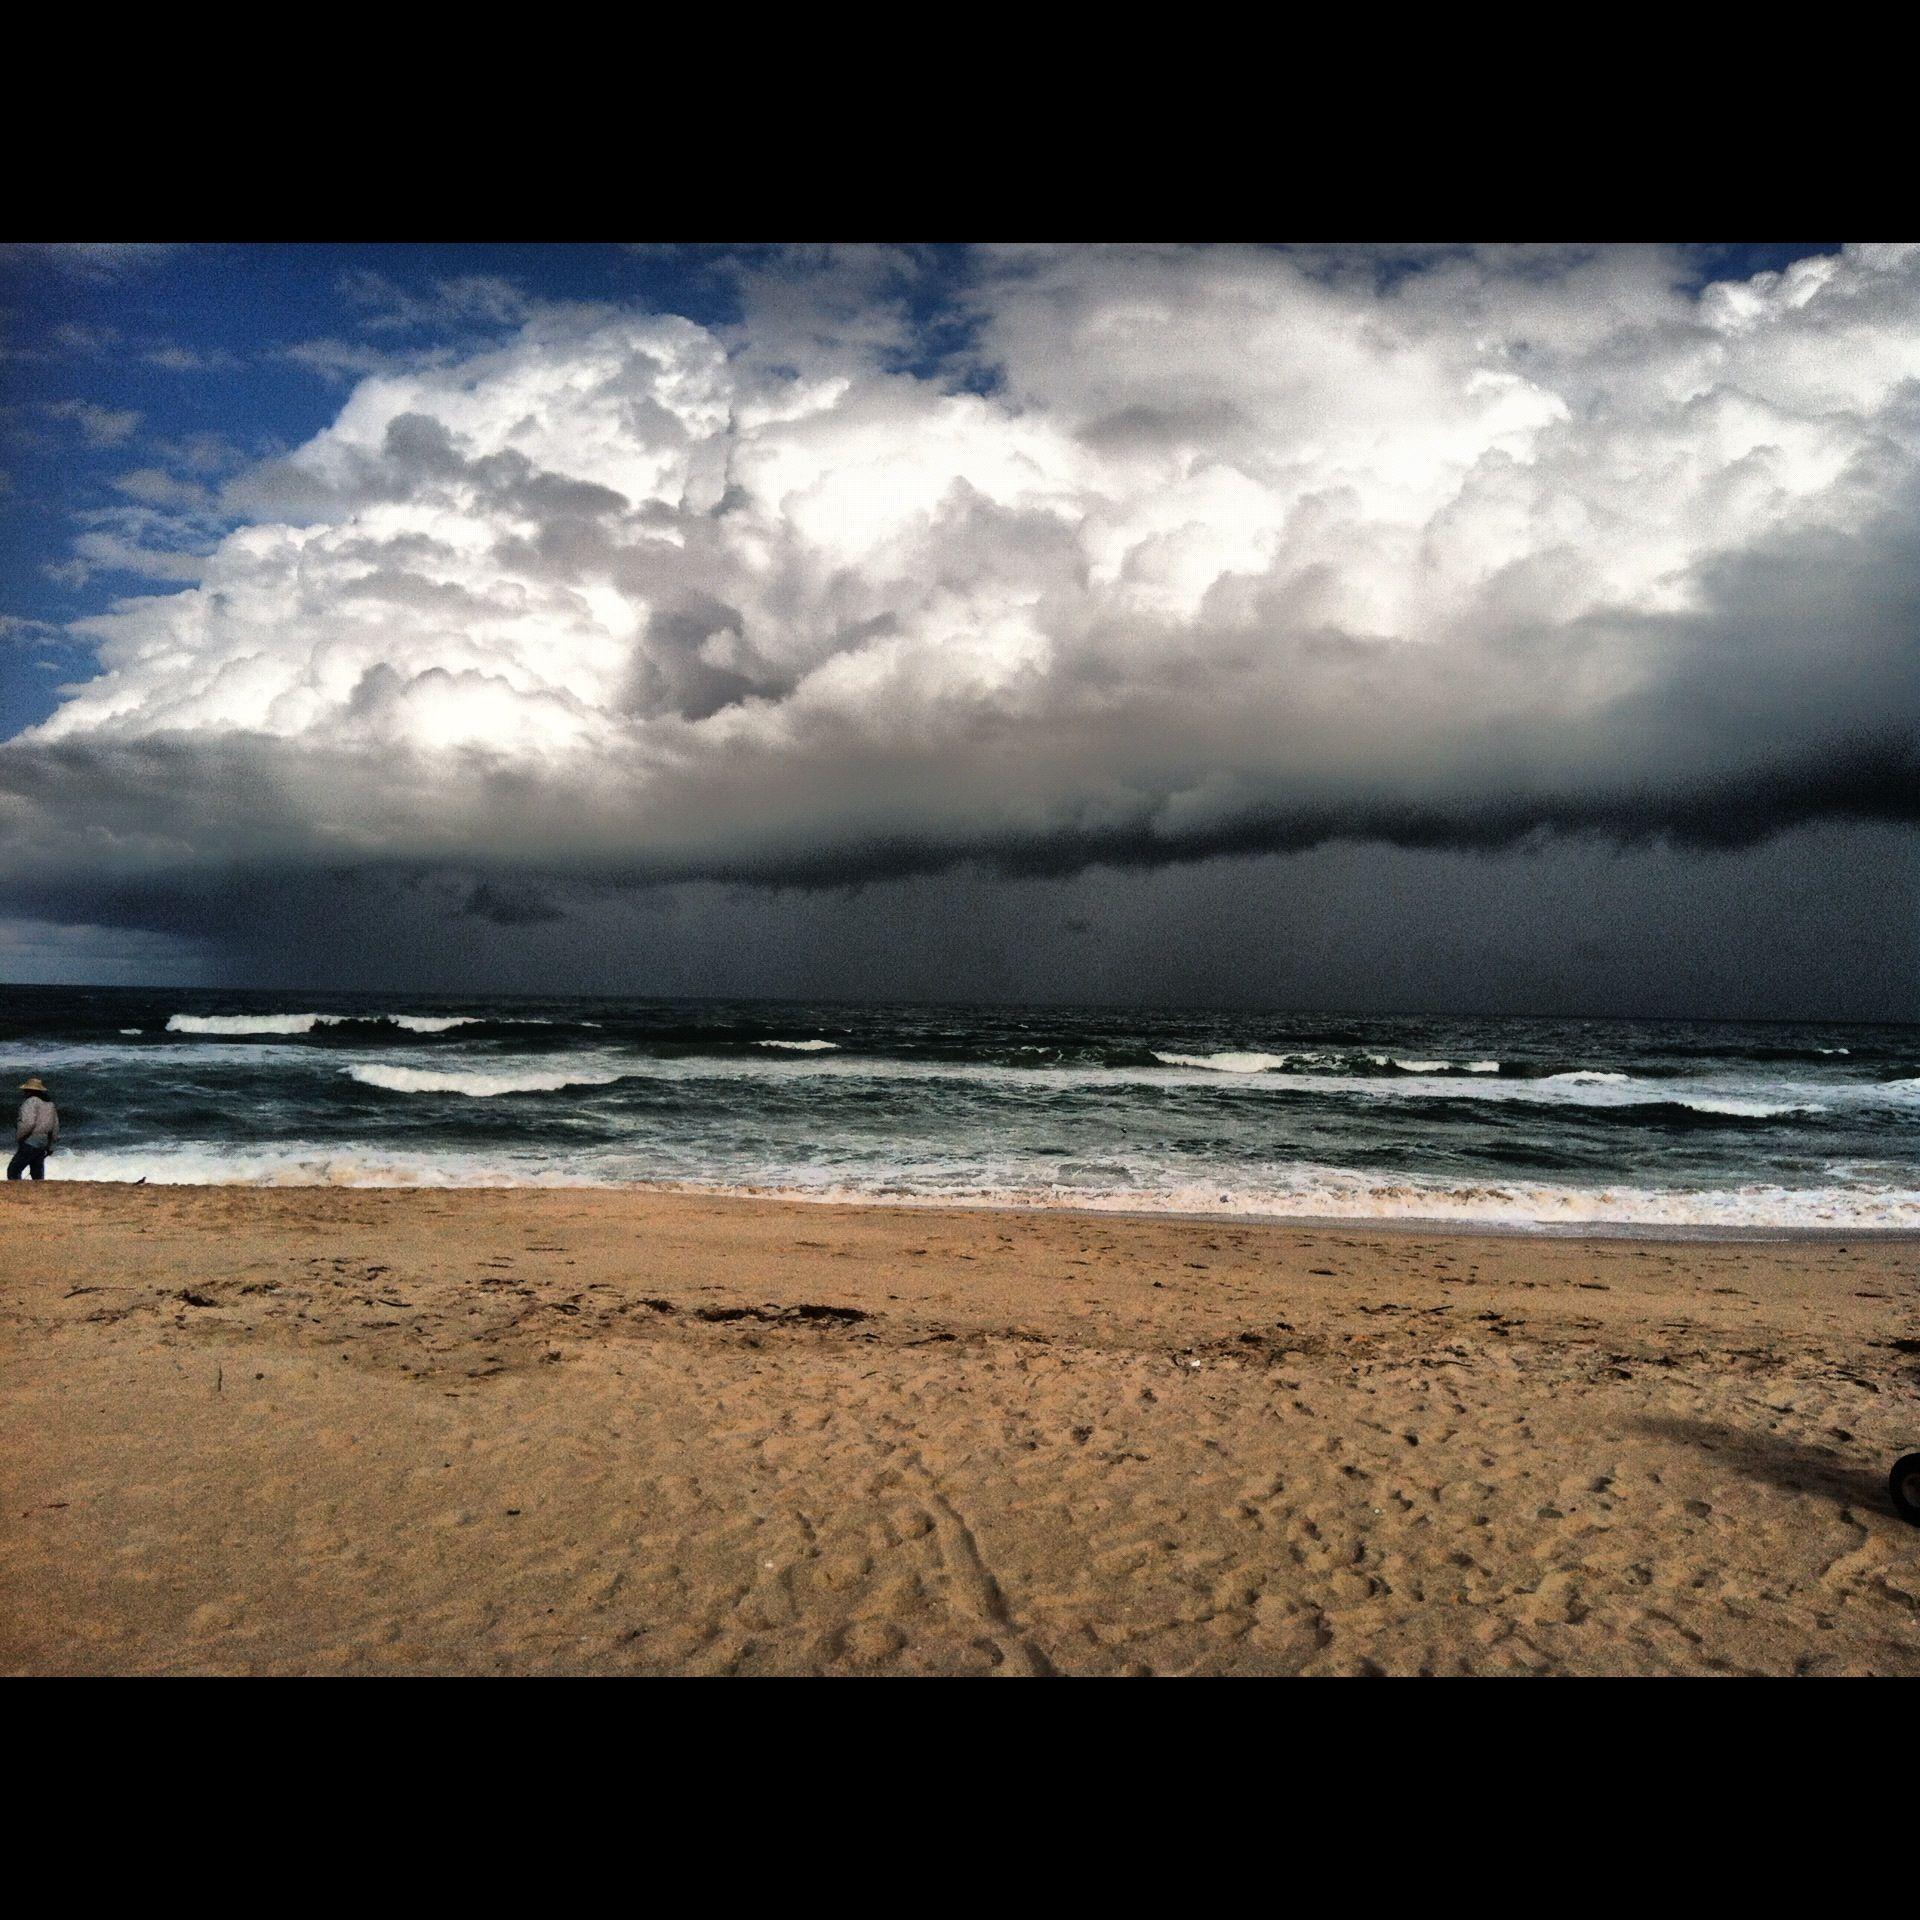 Just before the storm vero beach vero beach beach ocean